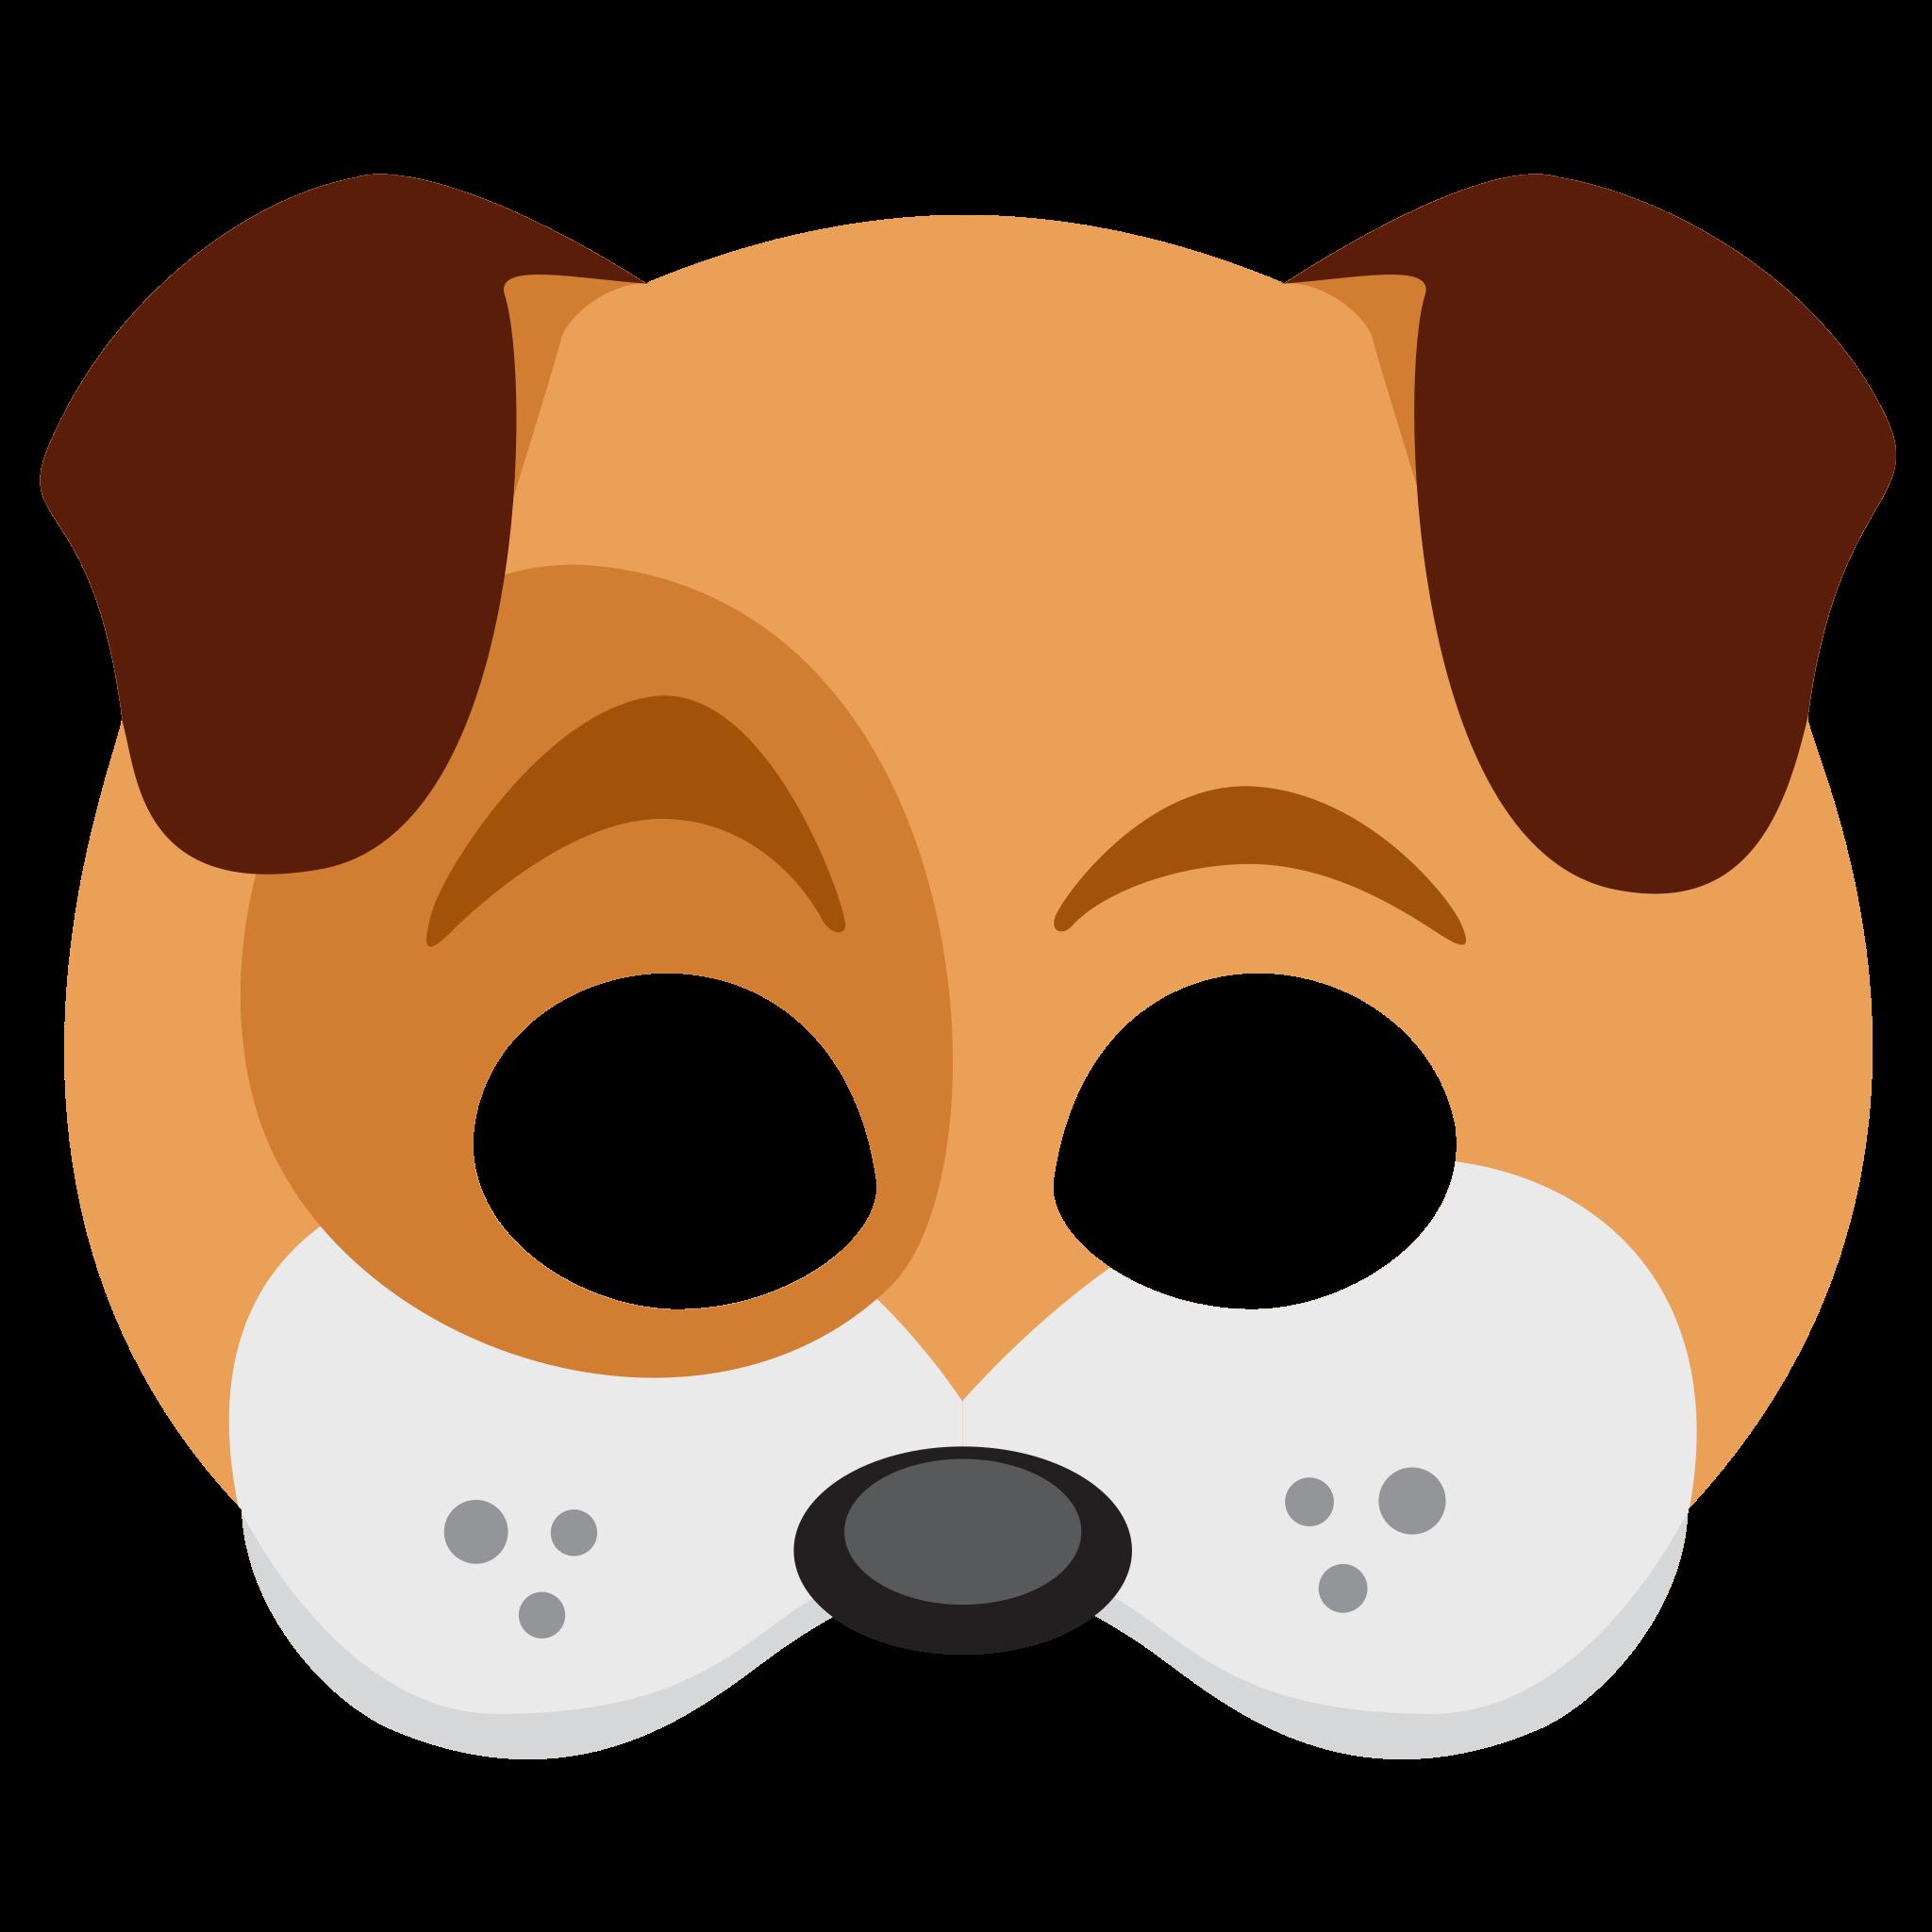 Dog face sticker png. Mask clipart criminal